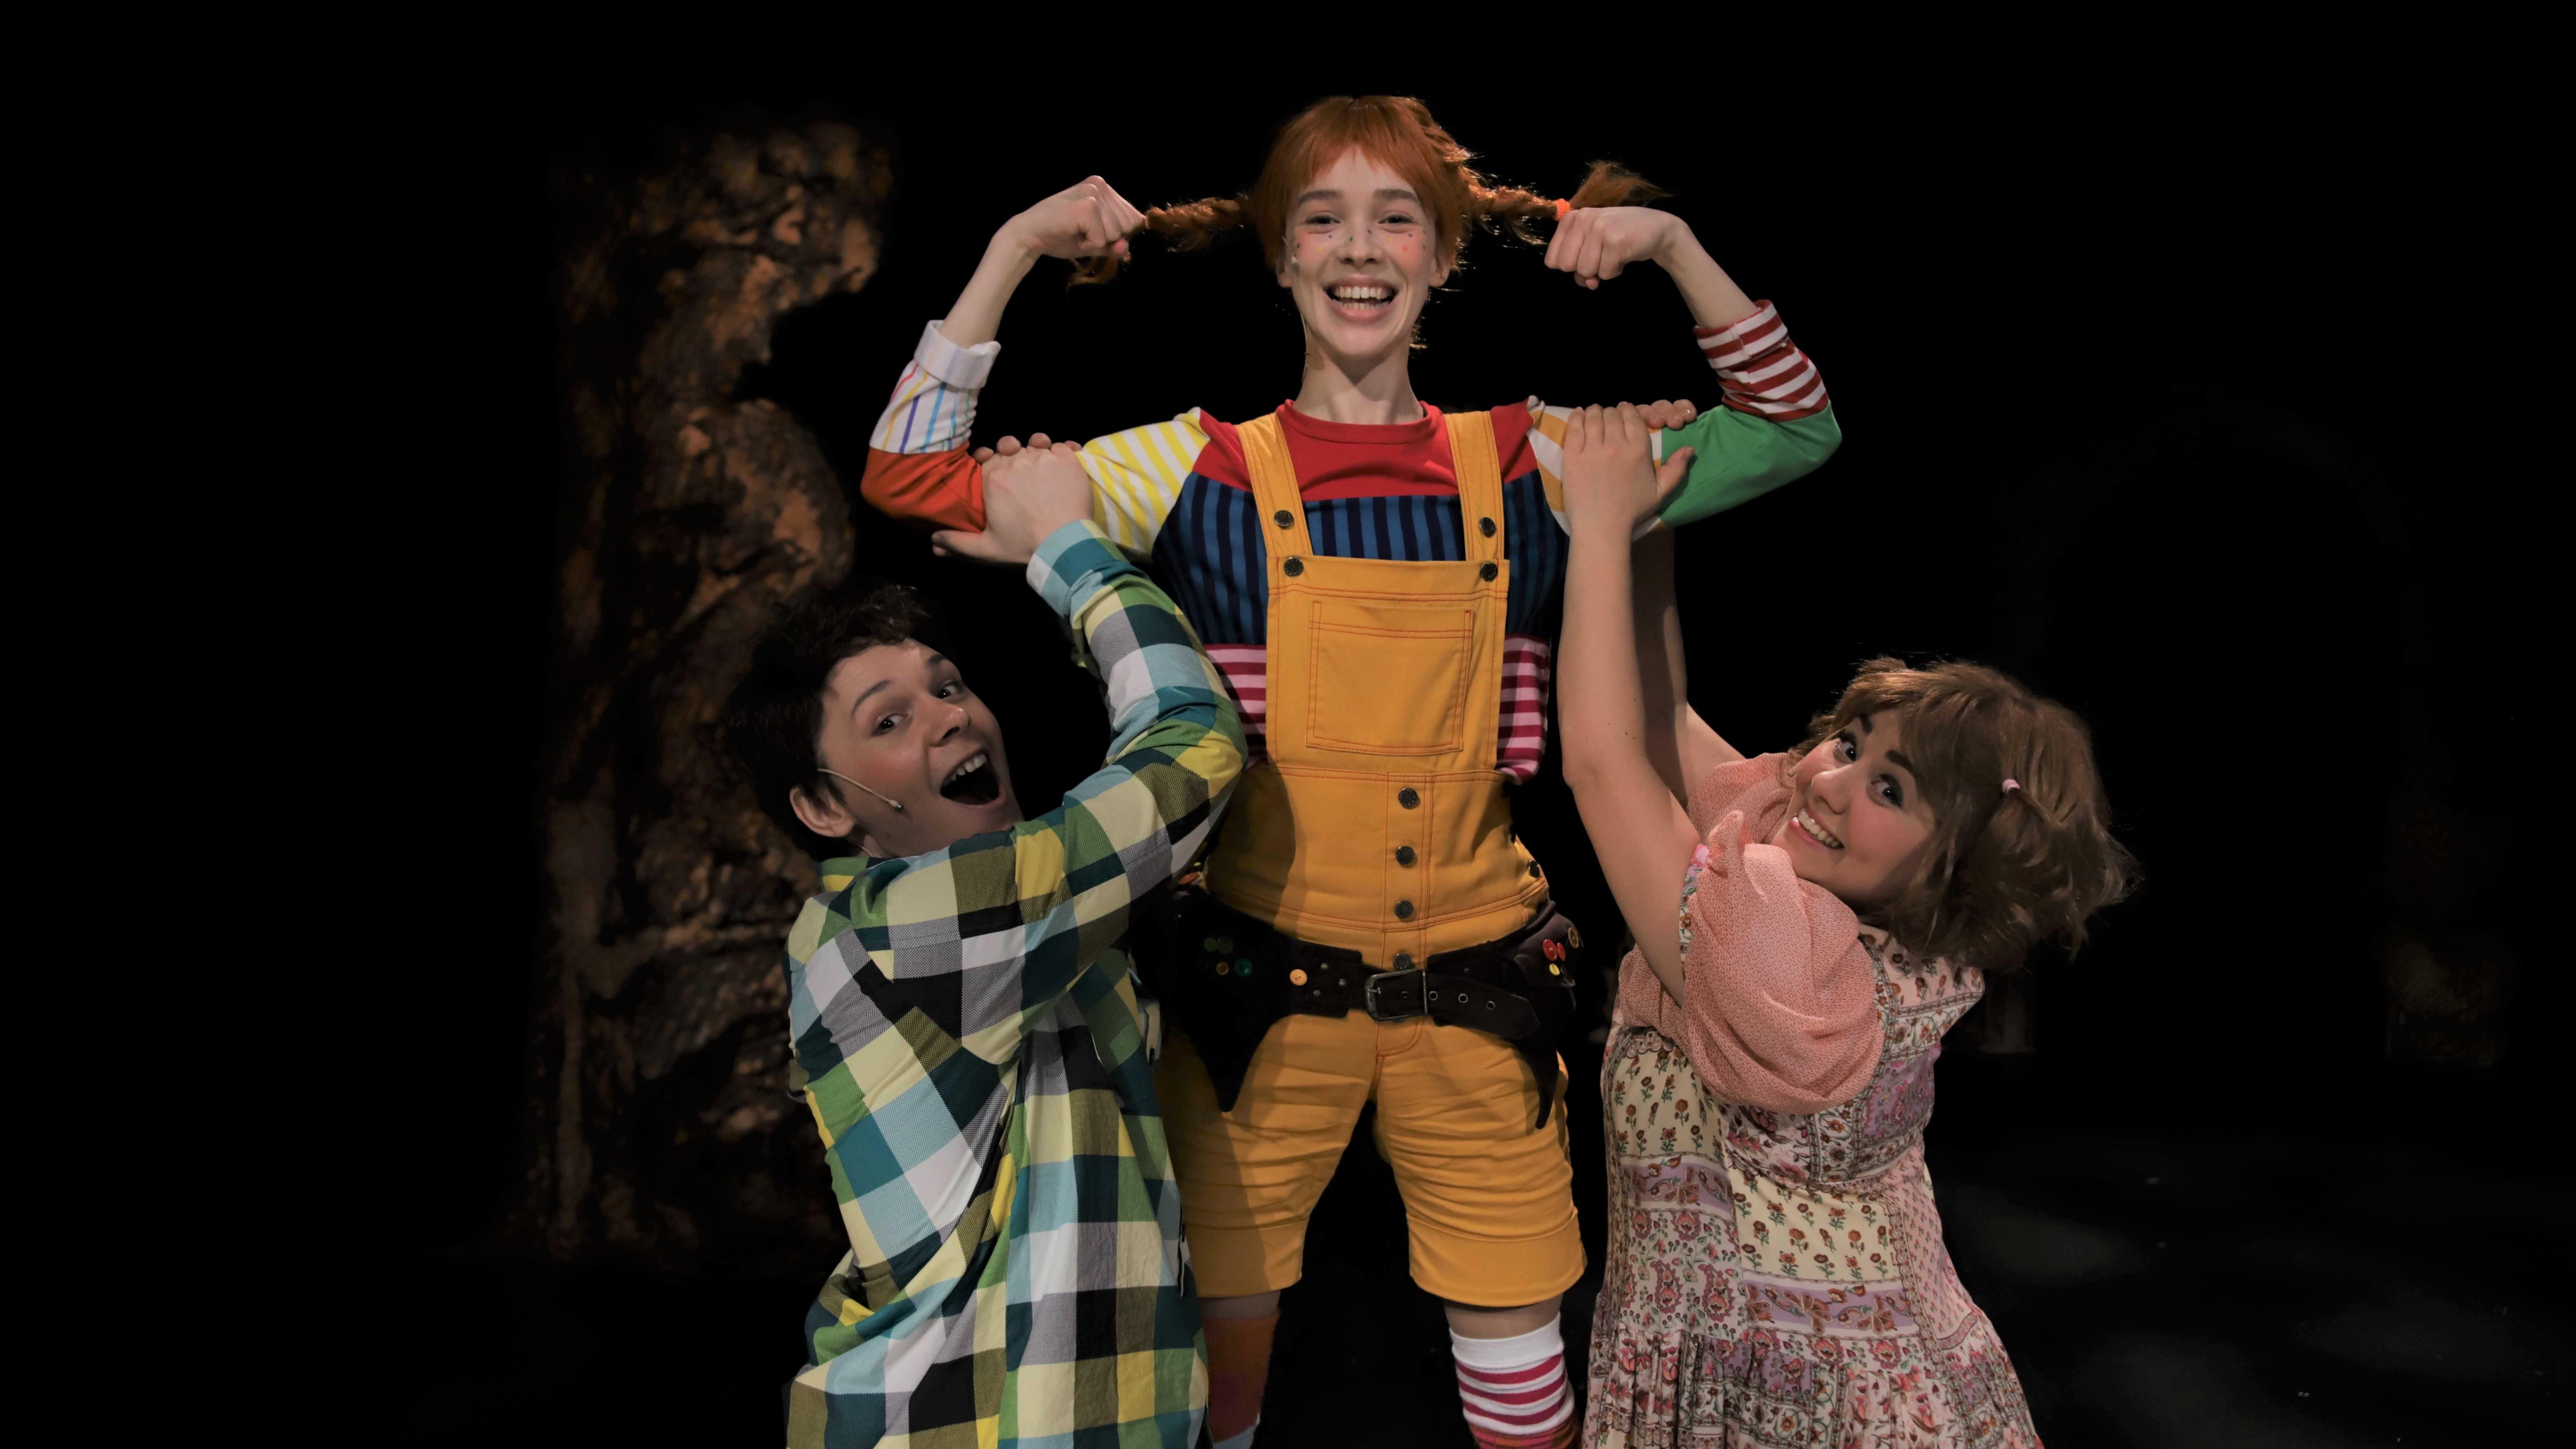 Peppi, Tommi ja Annika voimailevat Seinäjoen kaupunginteatterin lavalla